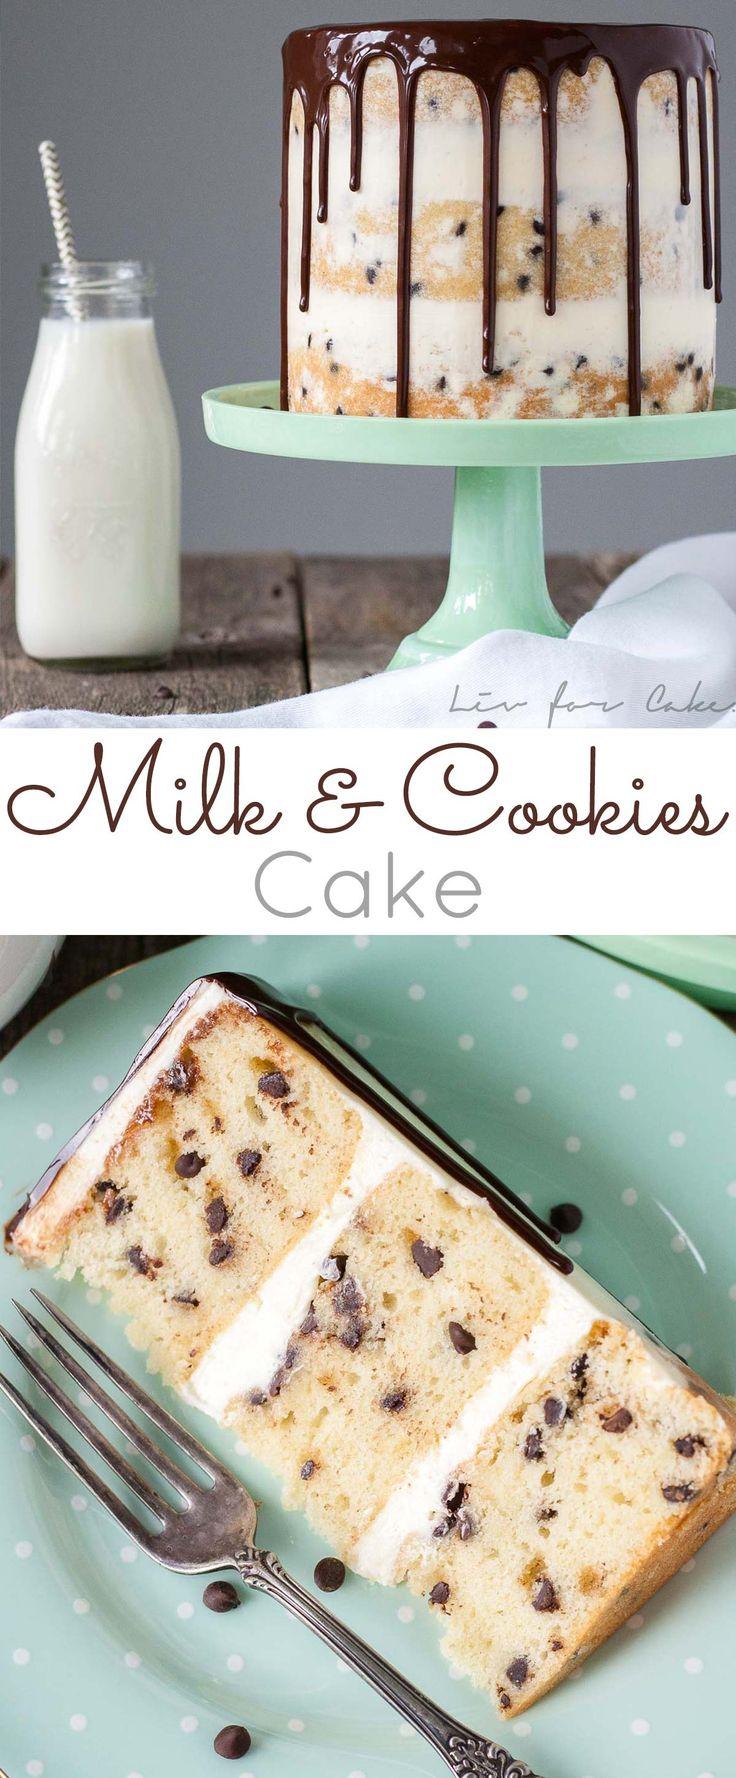 Leche y galletas de la torta! Un favorito de la infancia recibe una transformación extrema en esta decadente Leche y galletas de la torta! | livforcake.com